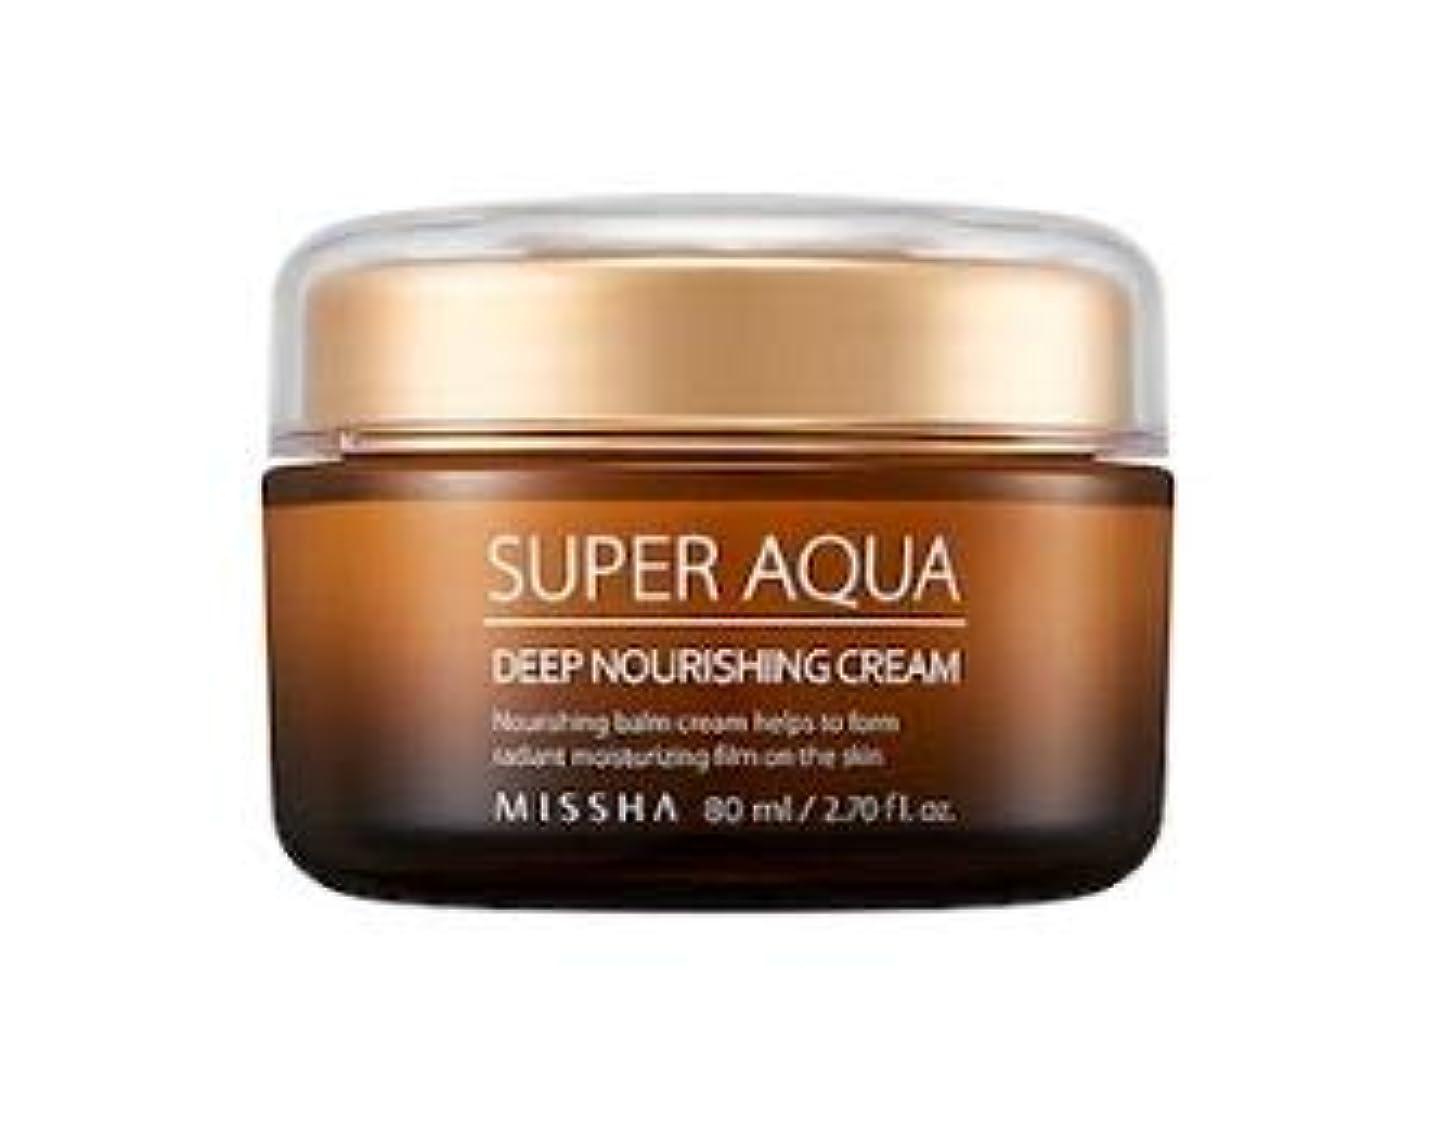 イノセンスペインアドバイスMISSHA Super Aqua Ultra Water Full Deep Nourishing Cream ミシャ スーパーアクアウルトラウォーターフルディープナリシングクリーム [並行輸入品]